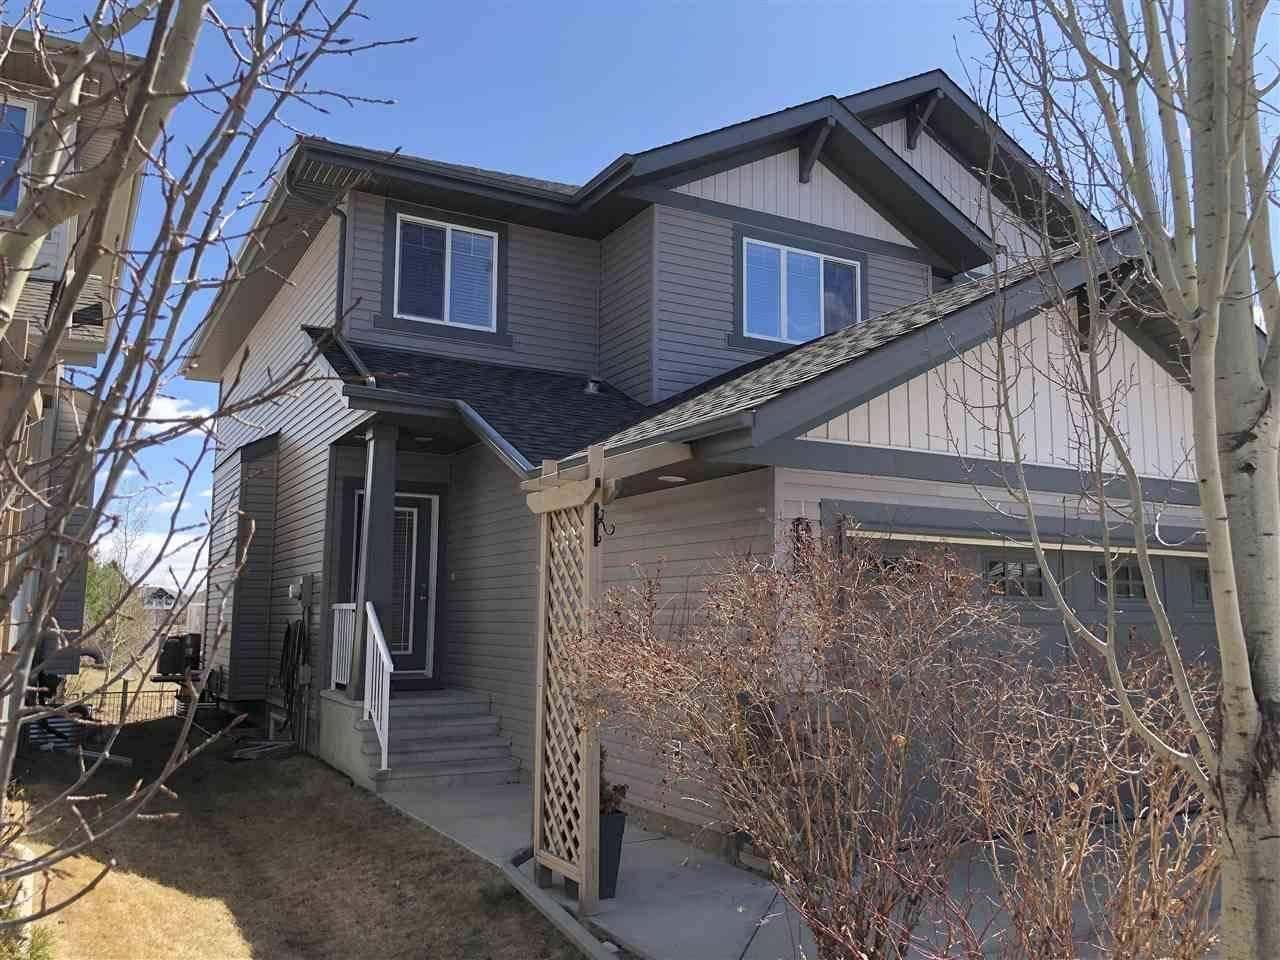 Townhouse for sale at 1901 126 St Sw Unit 33 Edmonton Alberta - MLS: E4189545